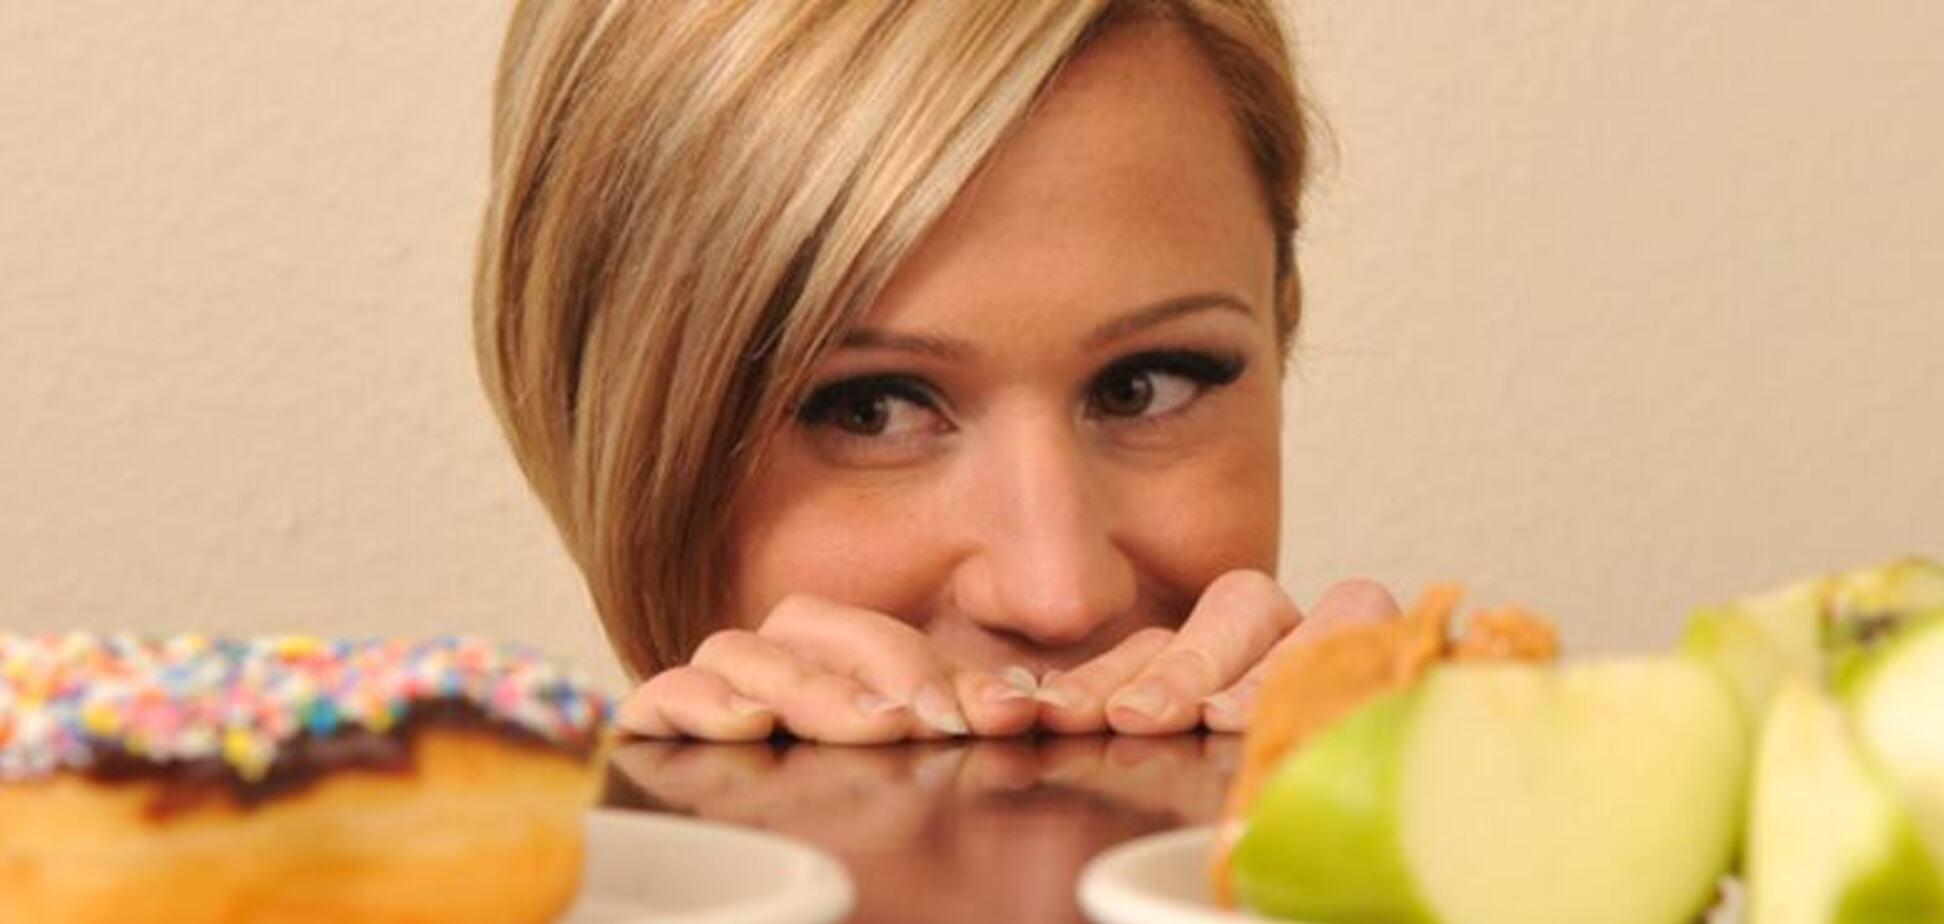 Типы пищевых расстройств